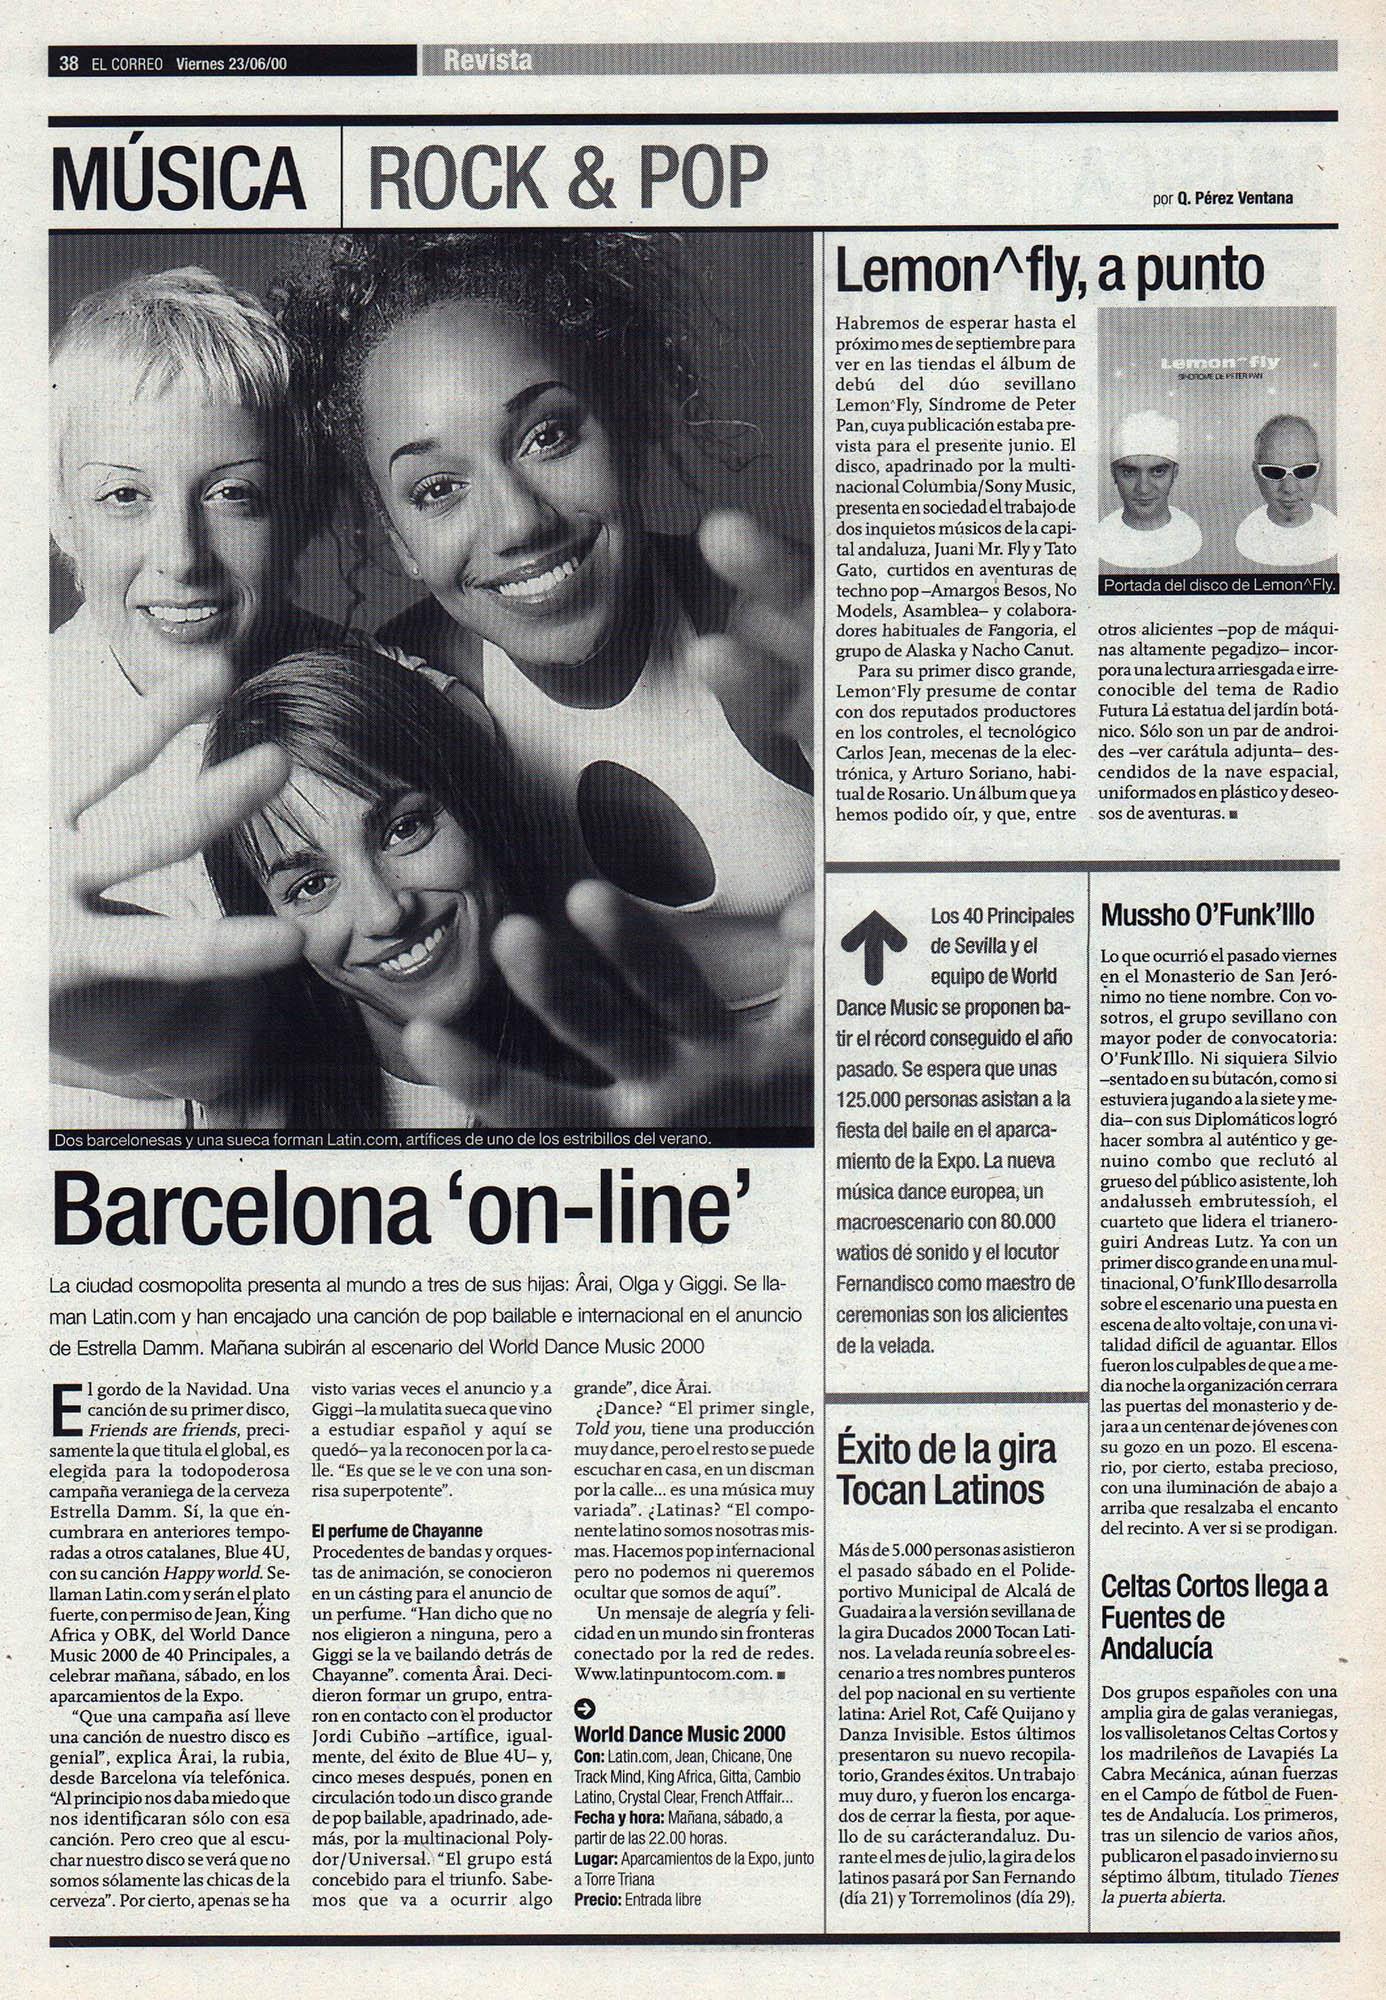 Latin.com: Barcelona online | El Correo de Andalucía | 23 jun 2000